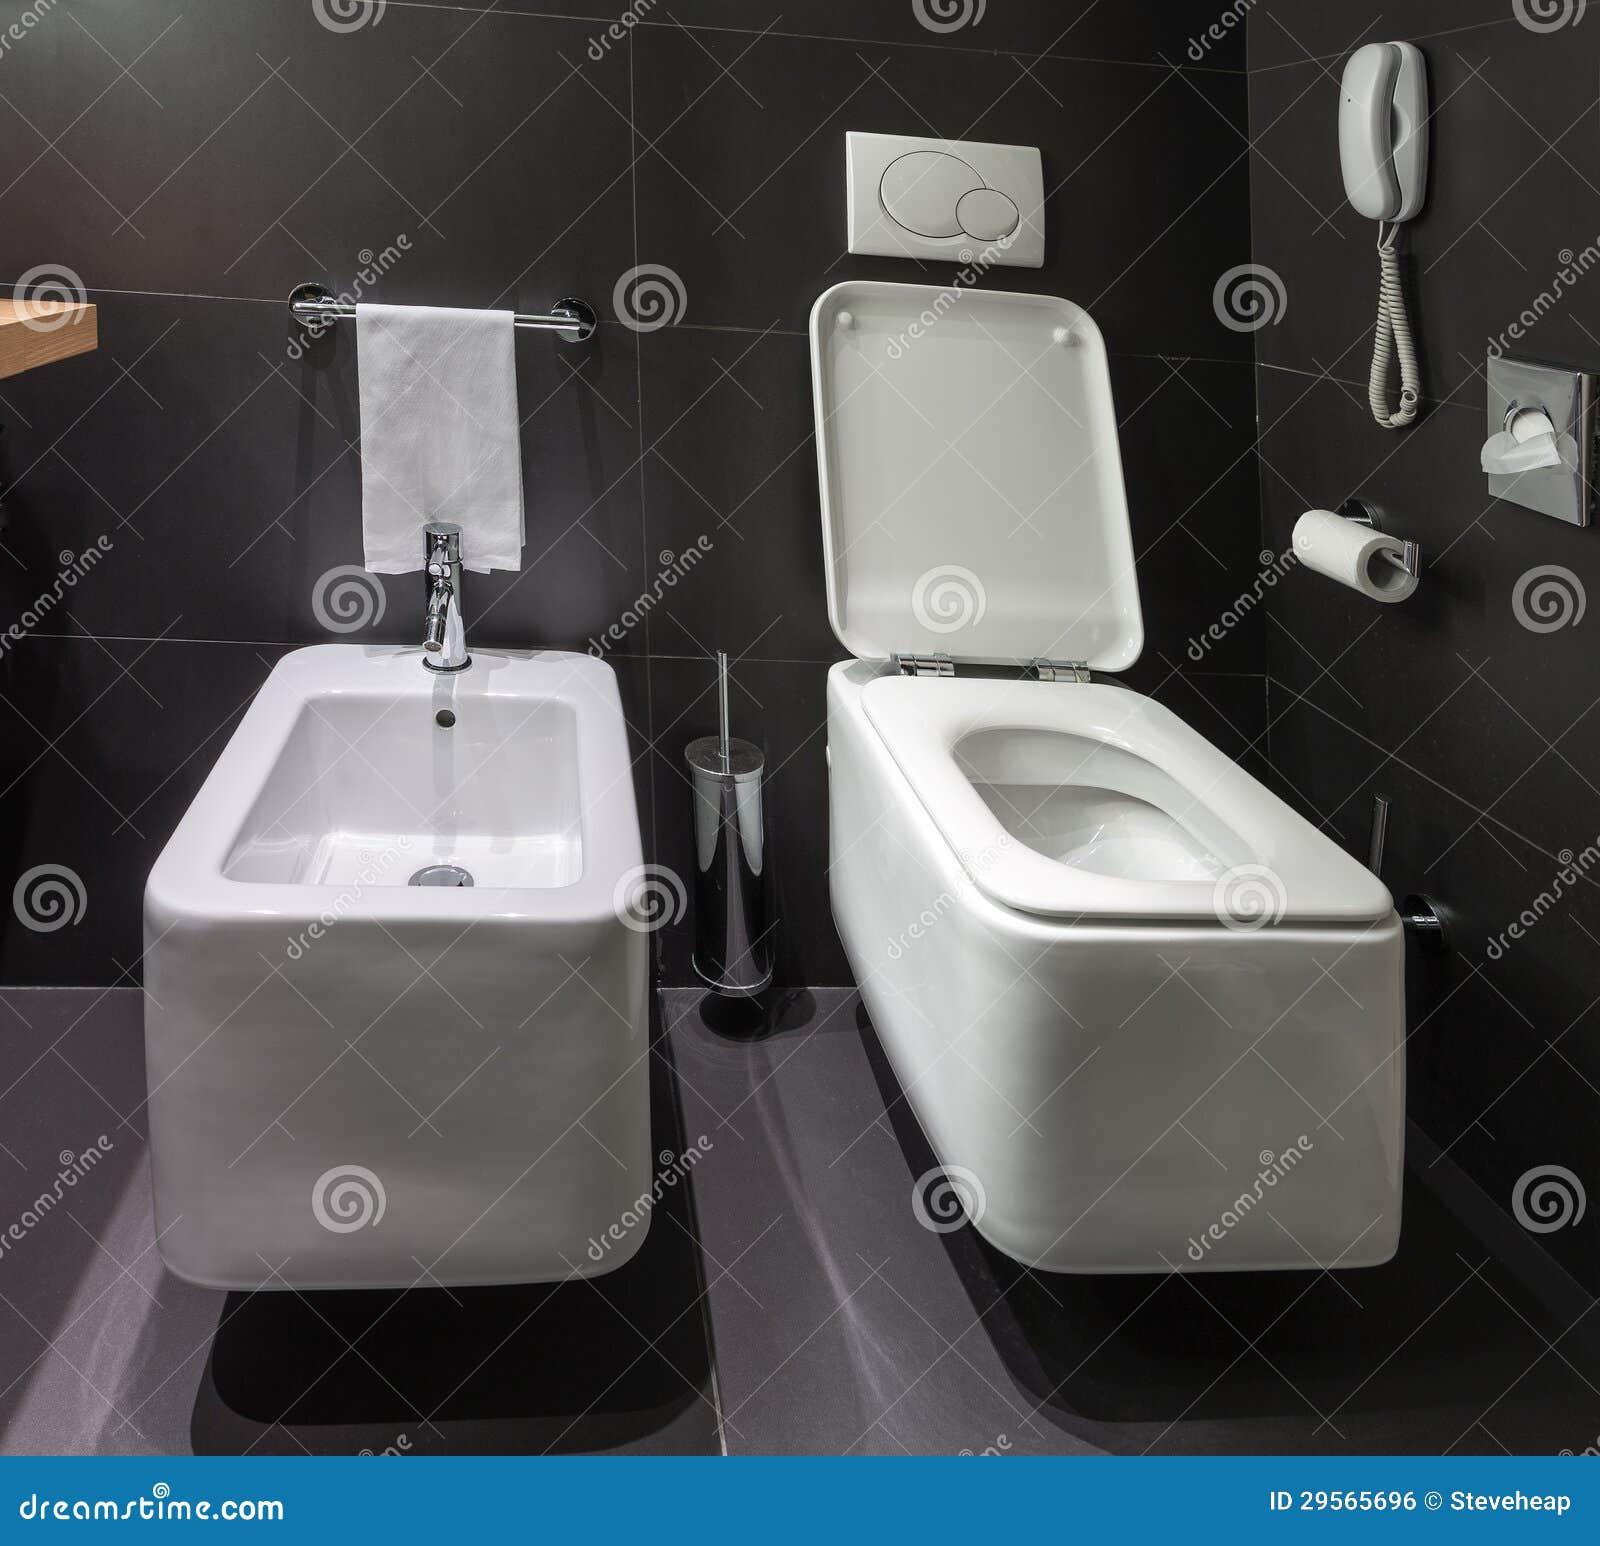 Toilette Et Bidet Modernes Dans La Salle De Bains Image